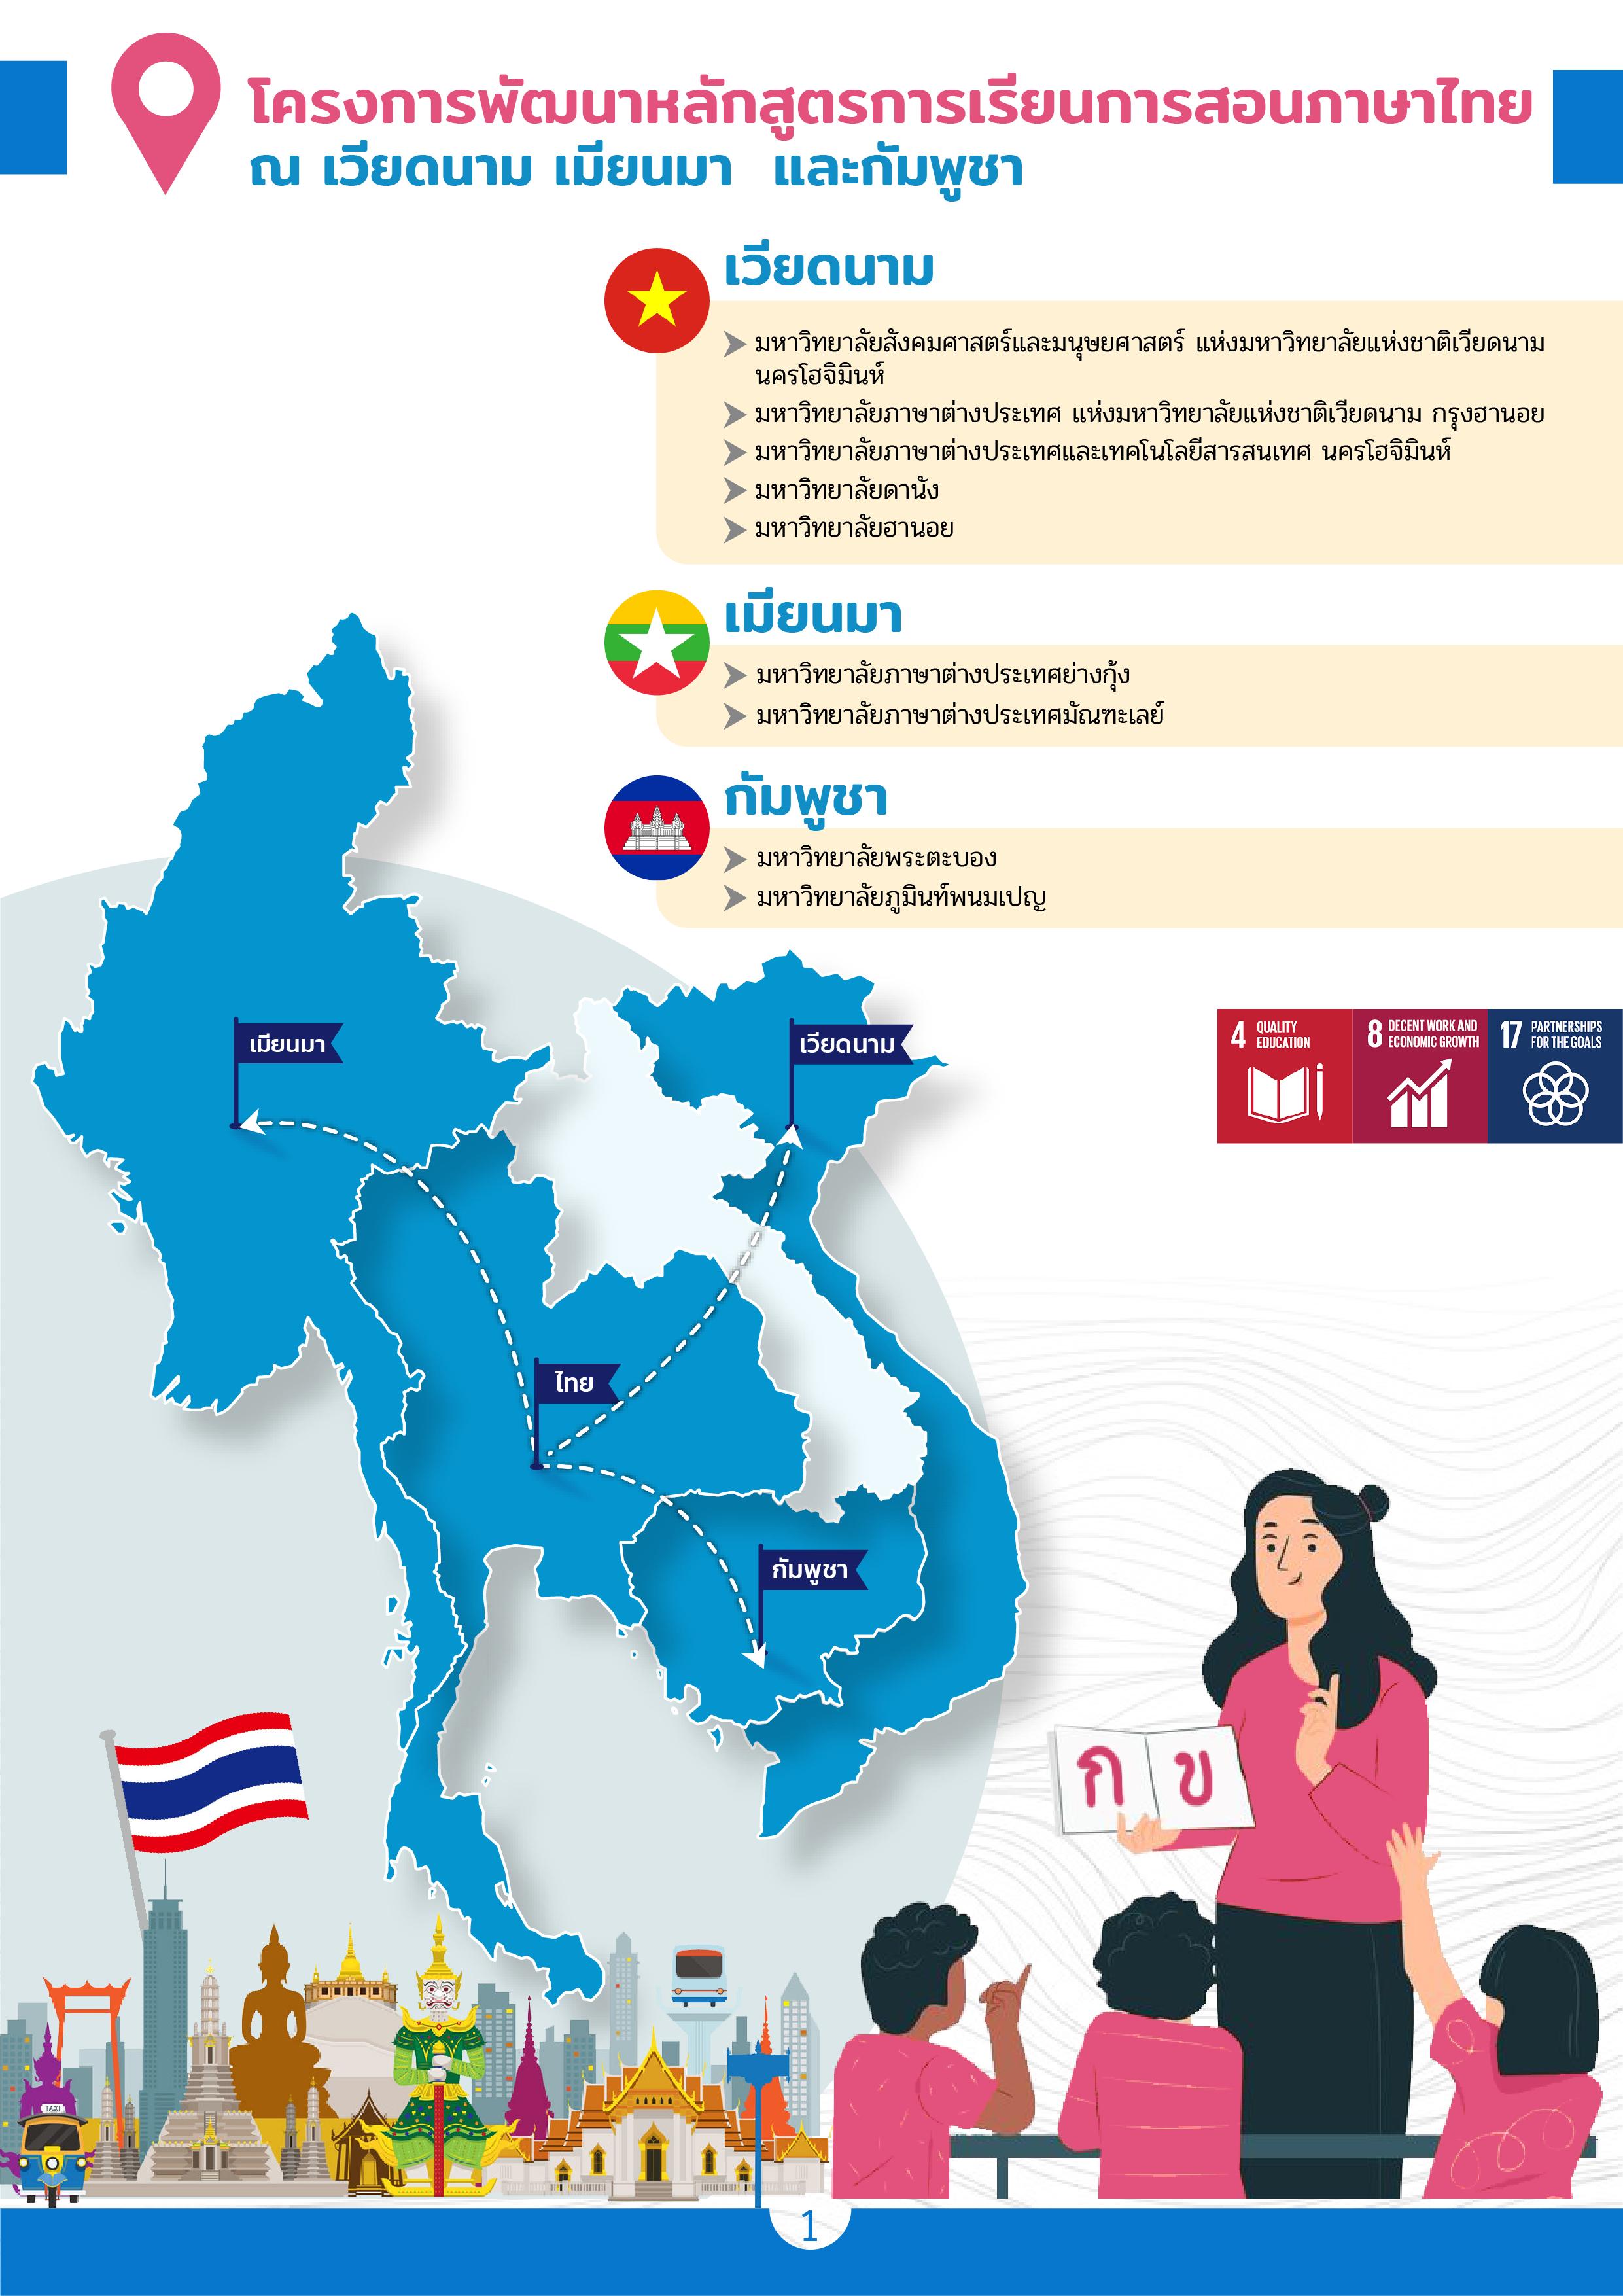 สอนไทย-เวียดนาม-เมียนมา-กัมพูชา_รวม